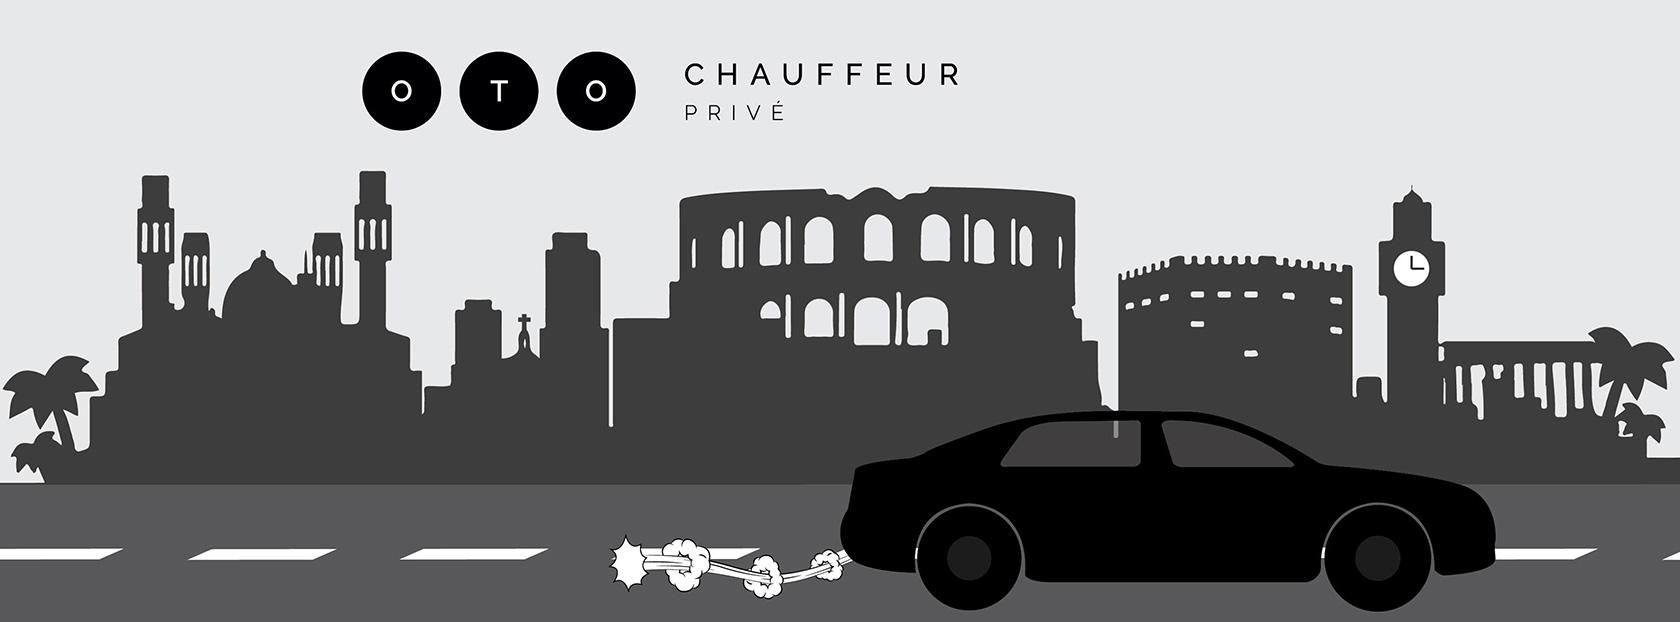 OTO chauffeur privé, une nouvelle façon de se déplacer